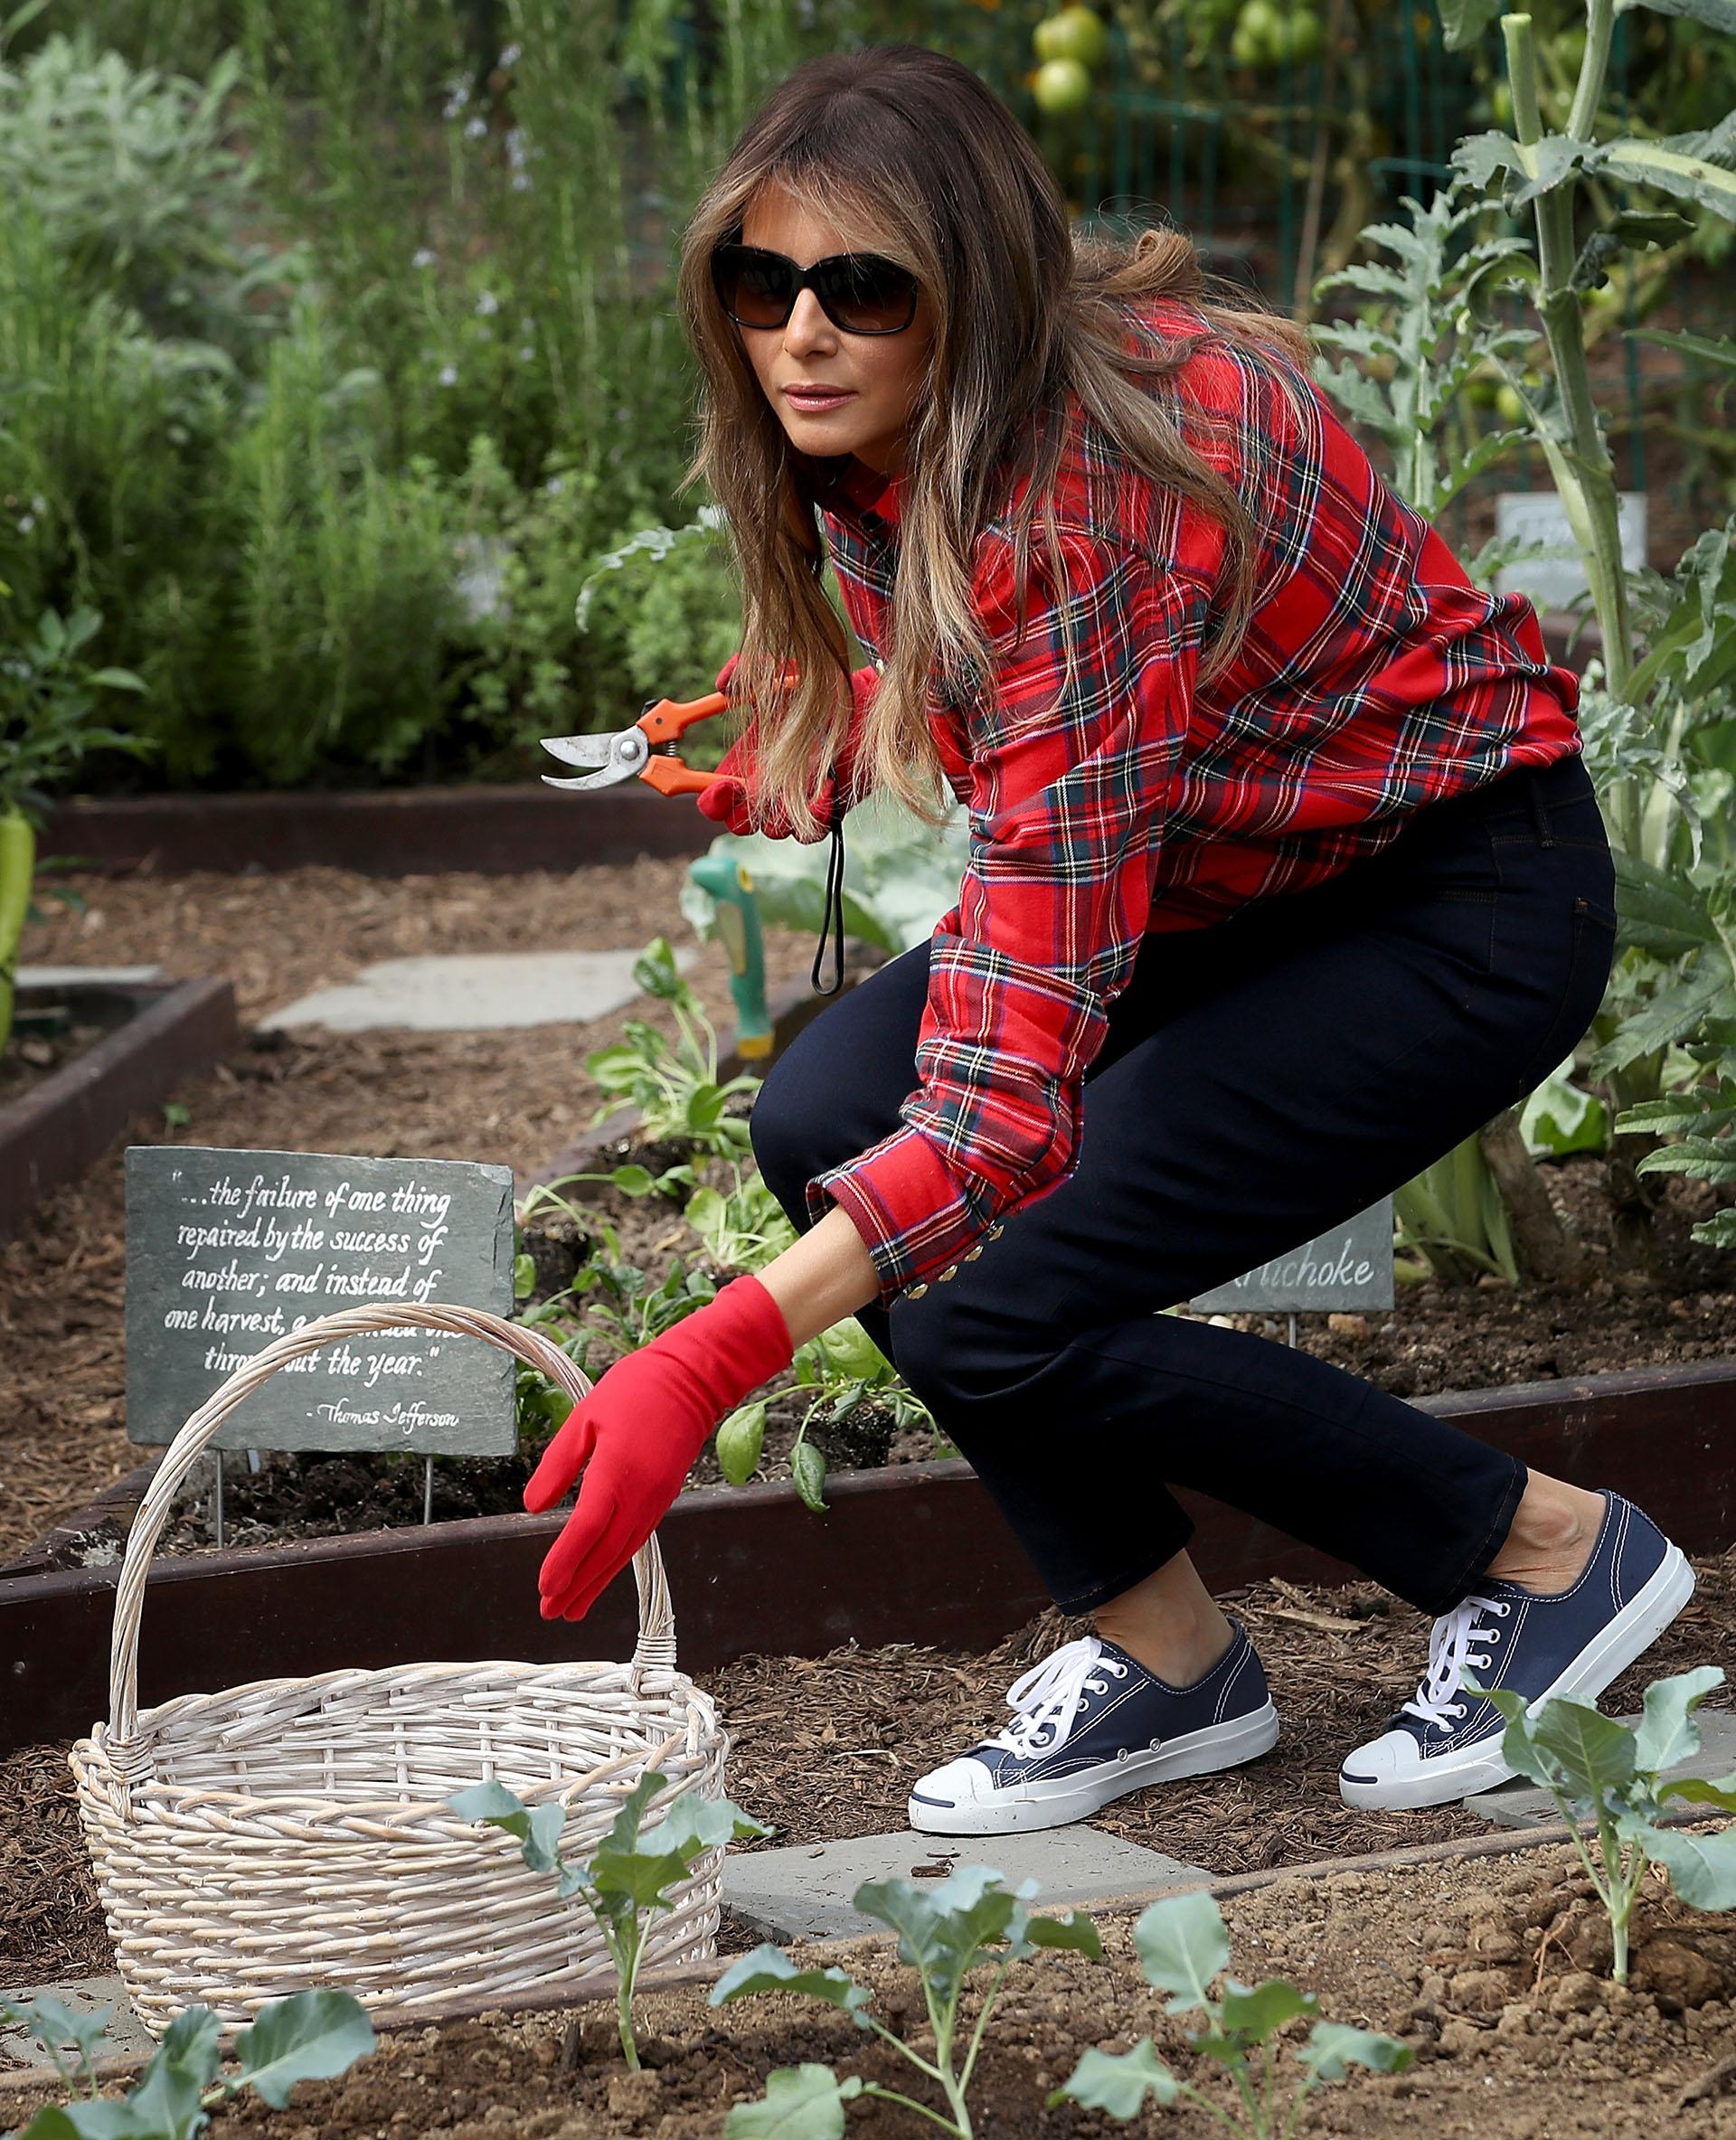 Melania tambiéntiene un costado informal: con camisa escocesa, pantalones negros y zapatillas. El detalle: los guantes combinados con la camisa y los anteojos de sol